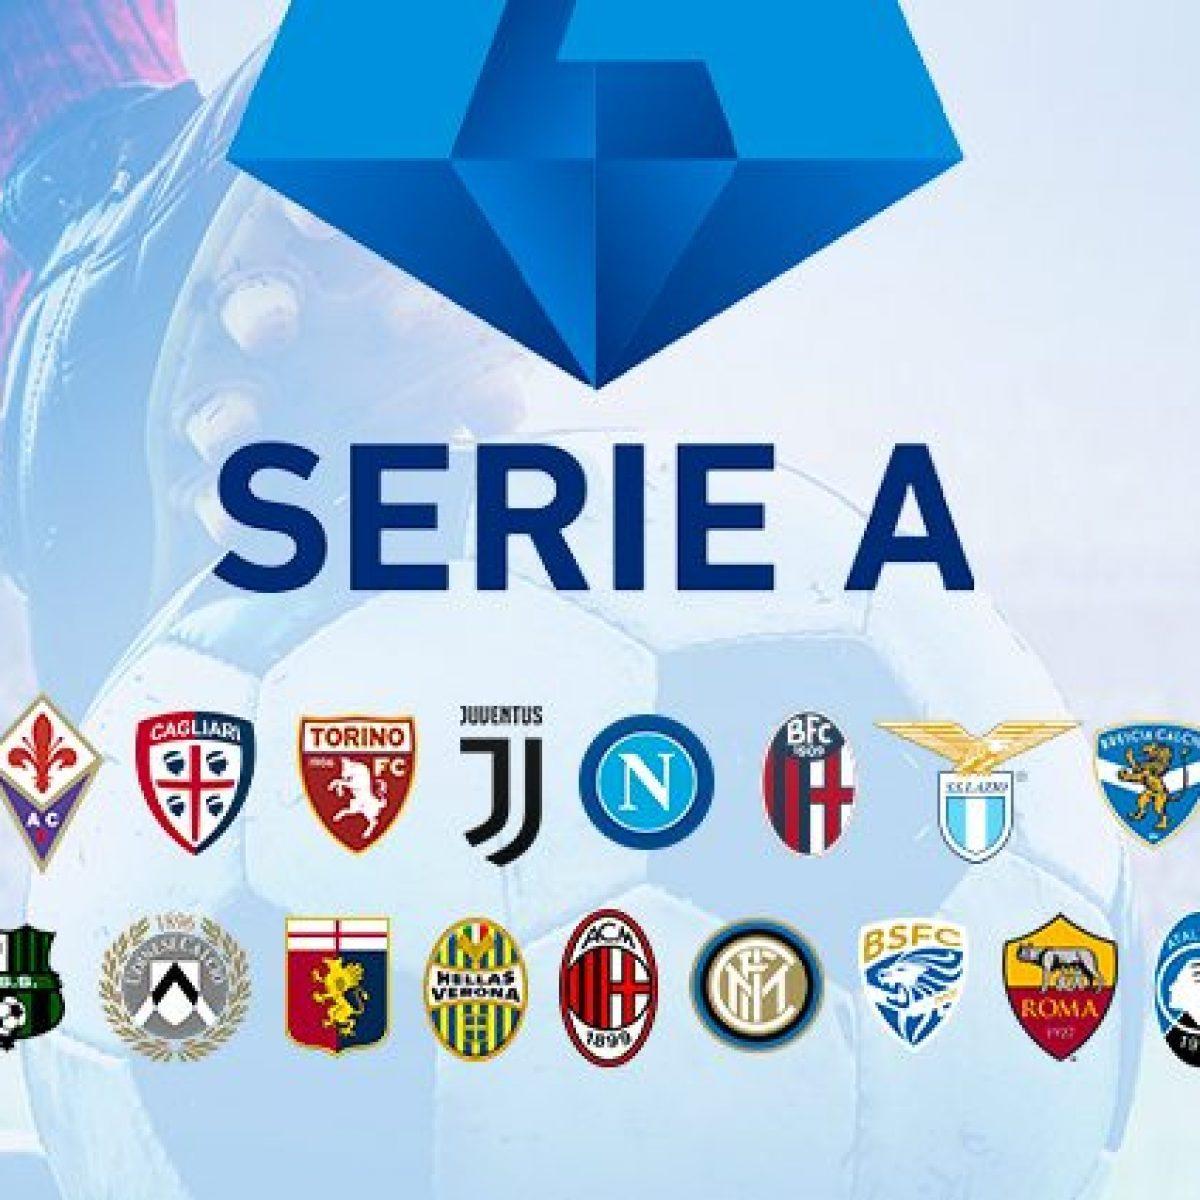 Pronostico Inter-Cagliari, schedina Serie A del 26 gennaio 2020